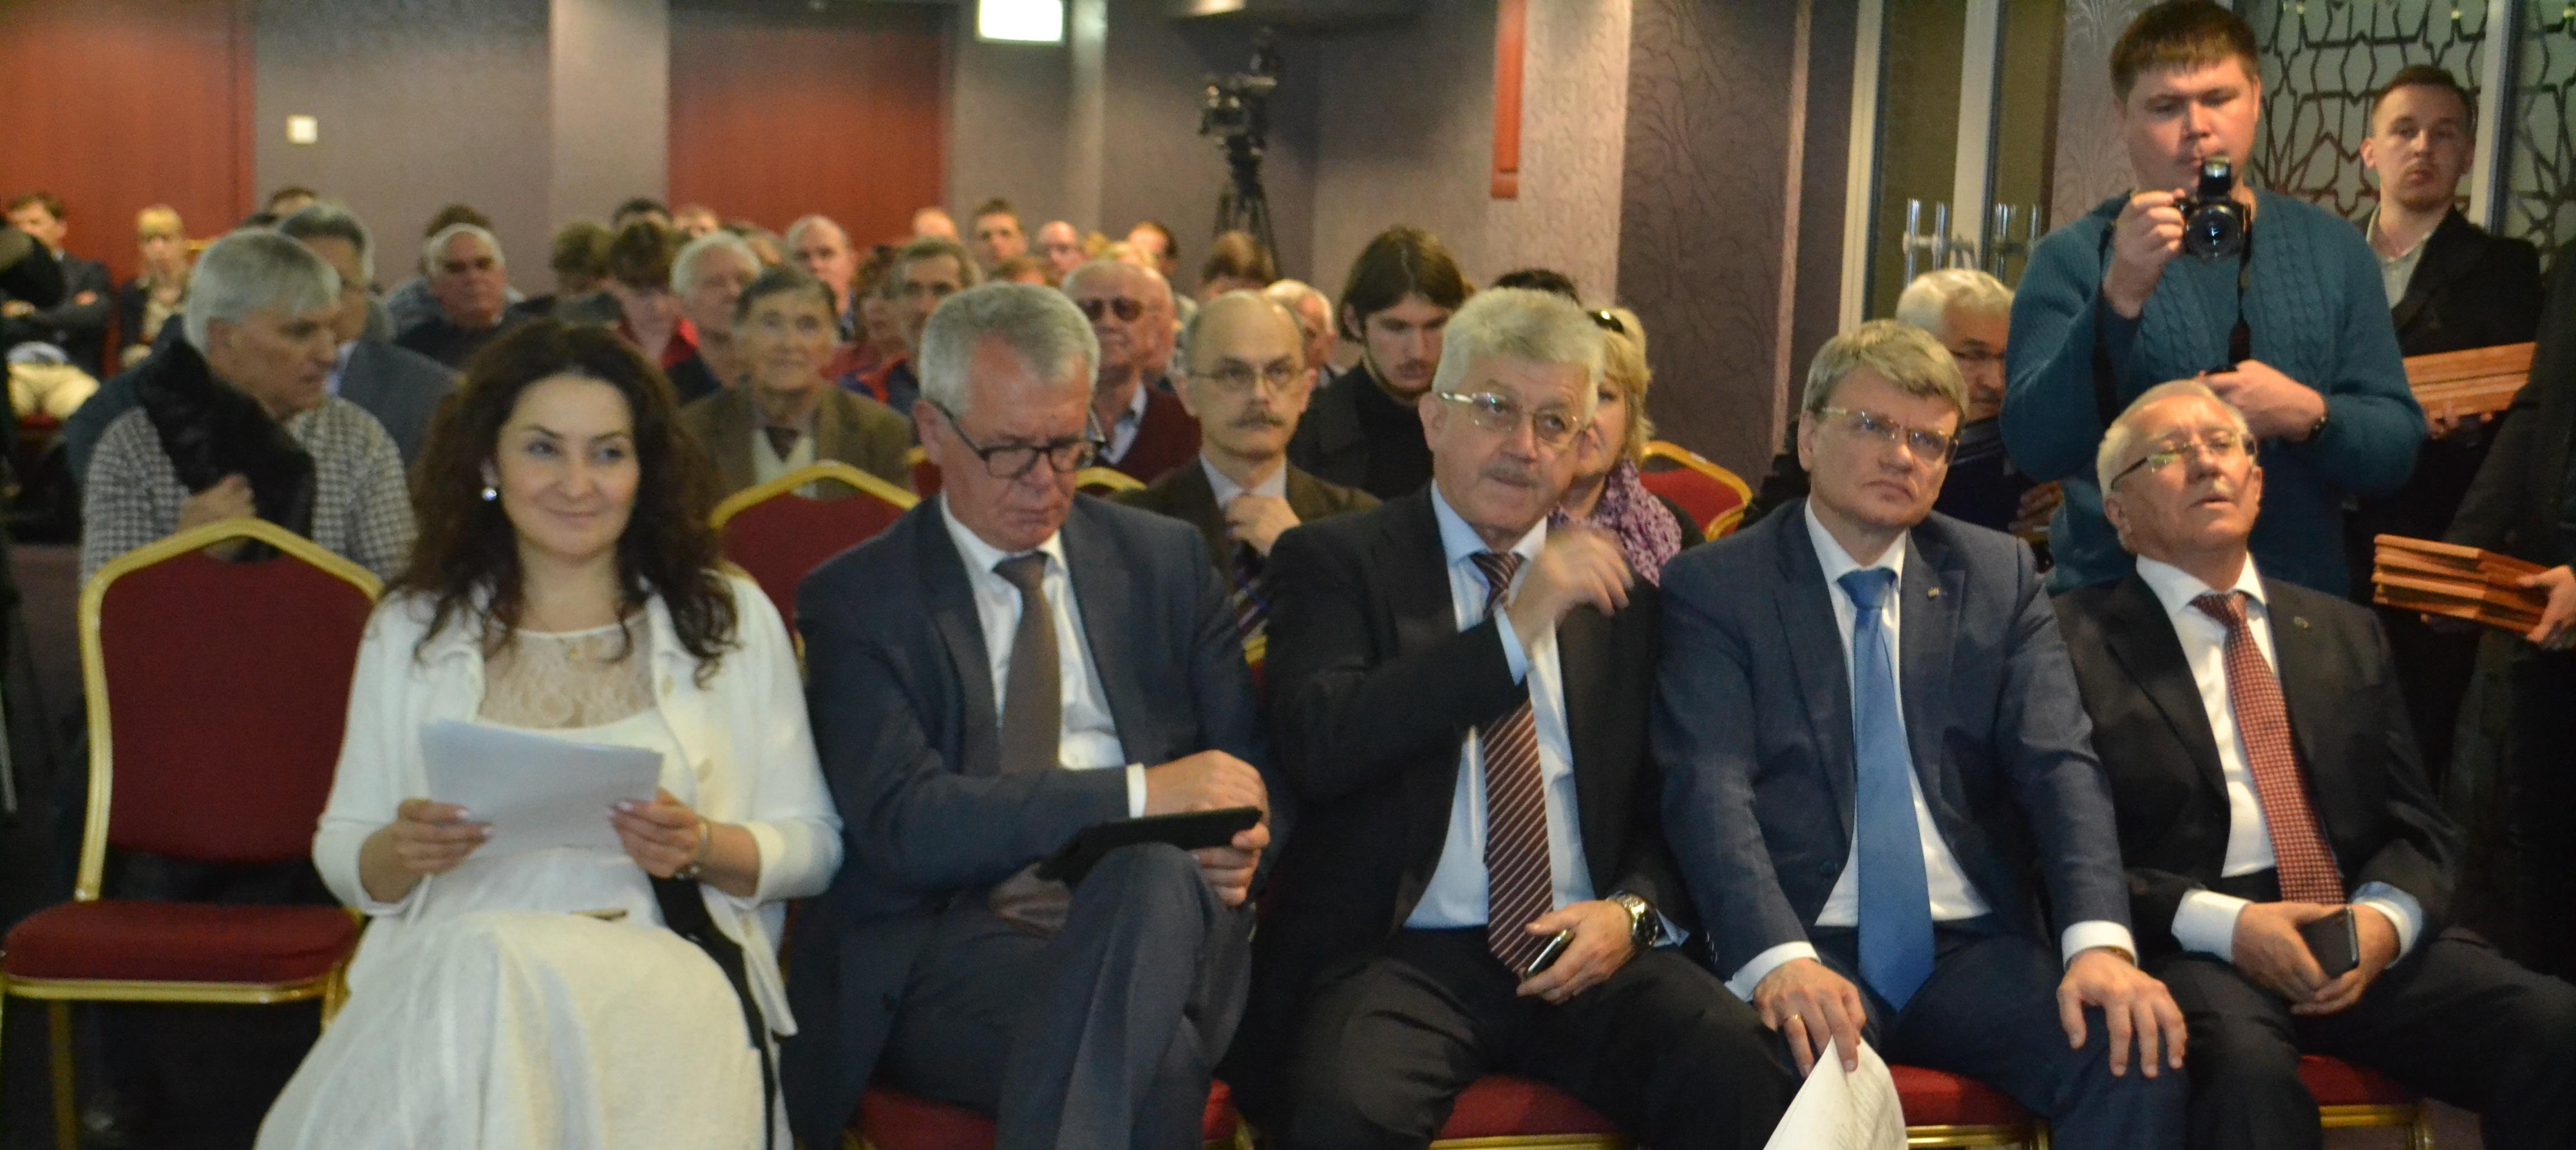 Закрытие II-ой Всероссийской научно-практической конференции «Научное приборостроение – современное состояние и перспективы развития»